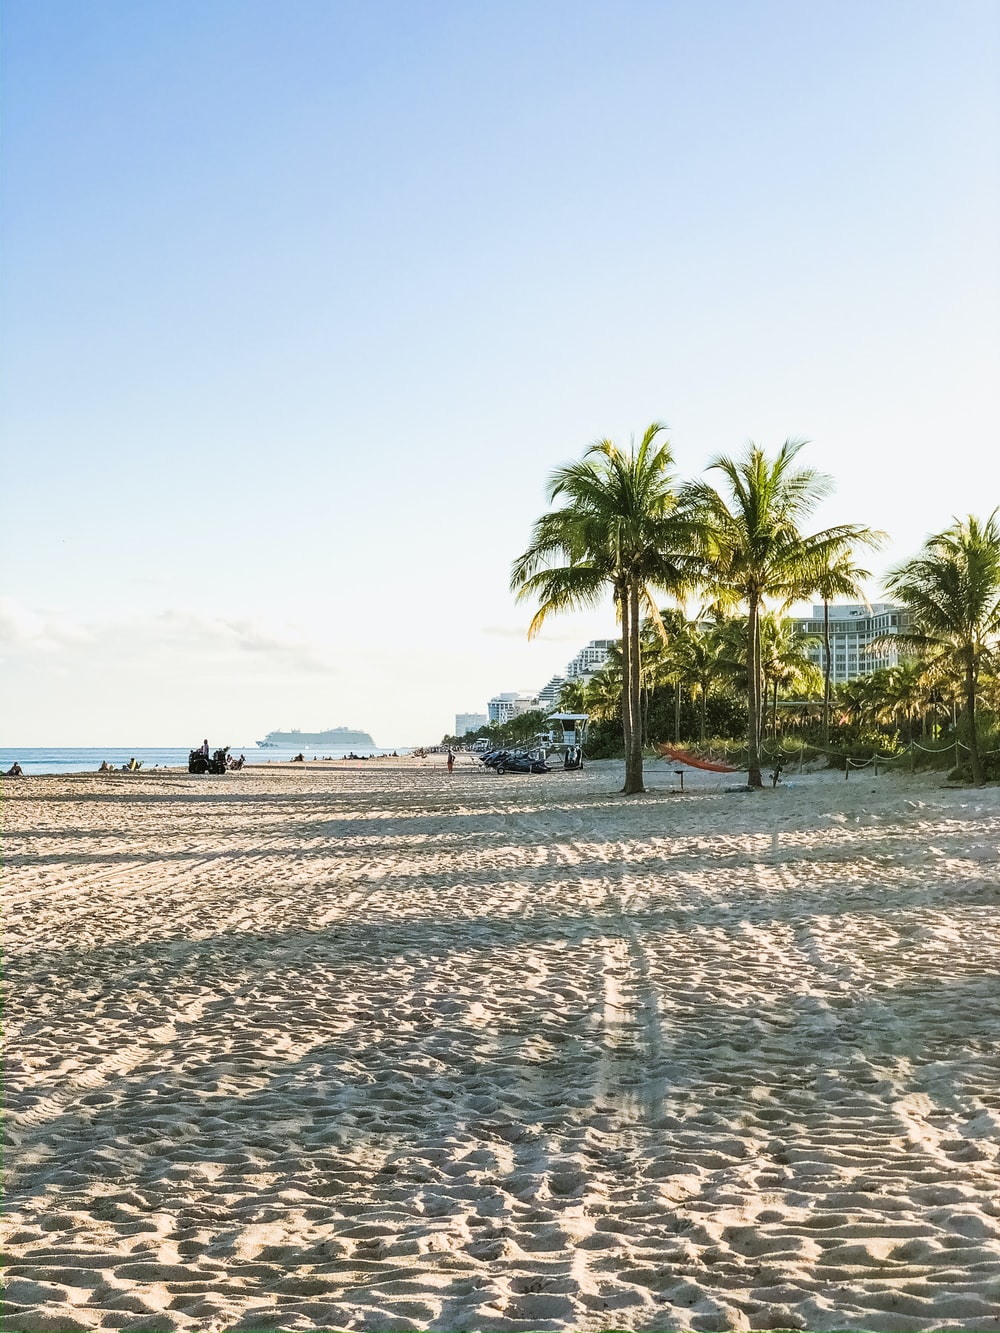 coconut trees on sand